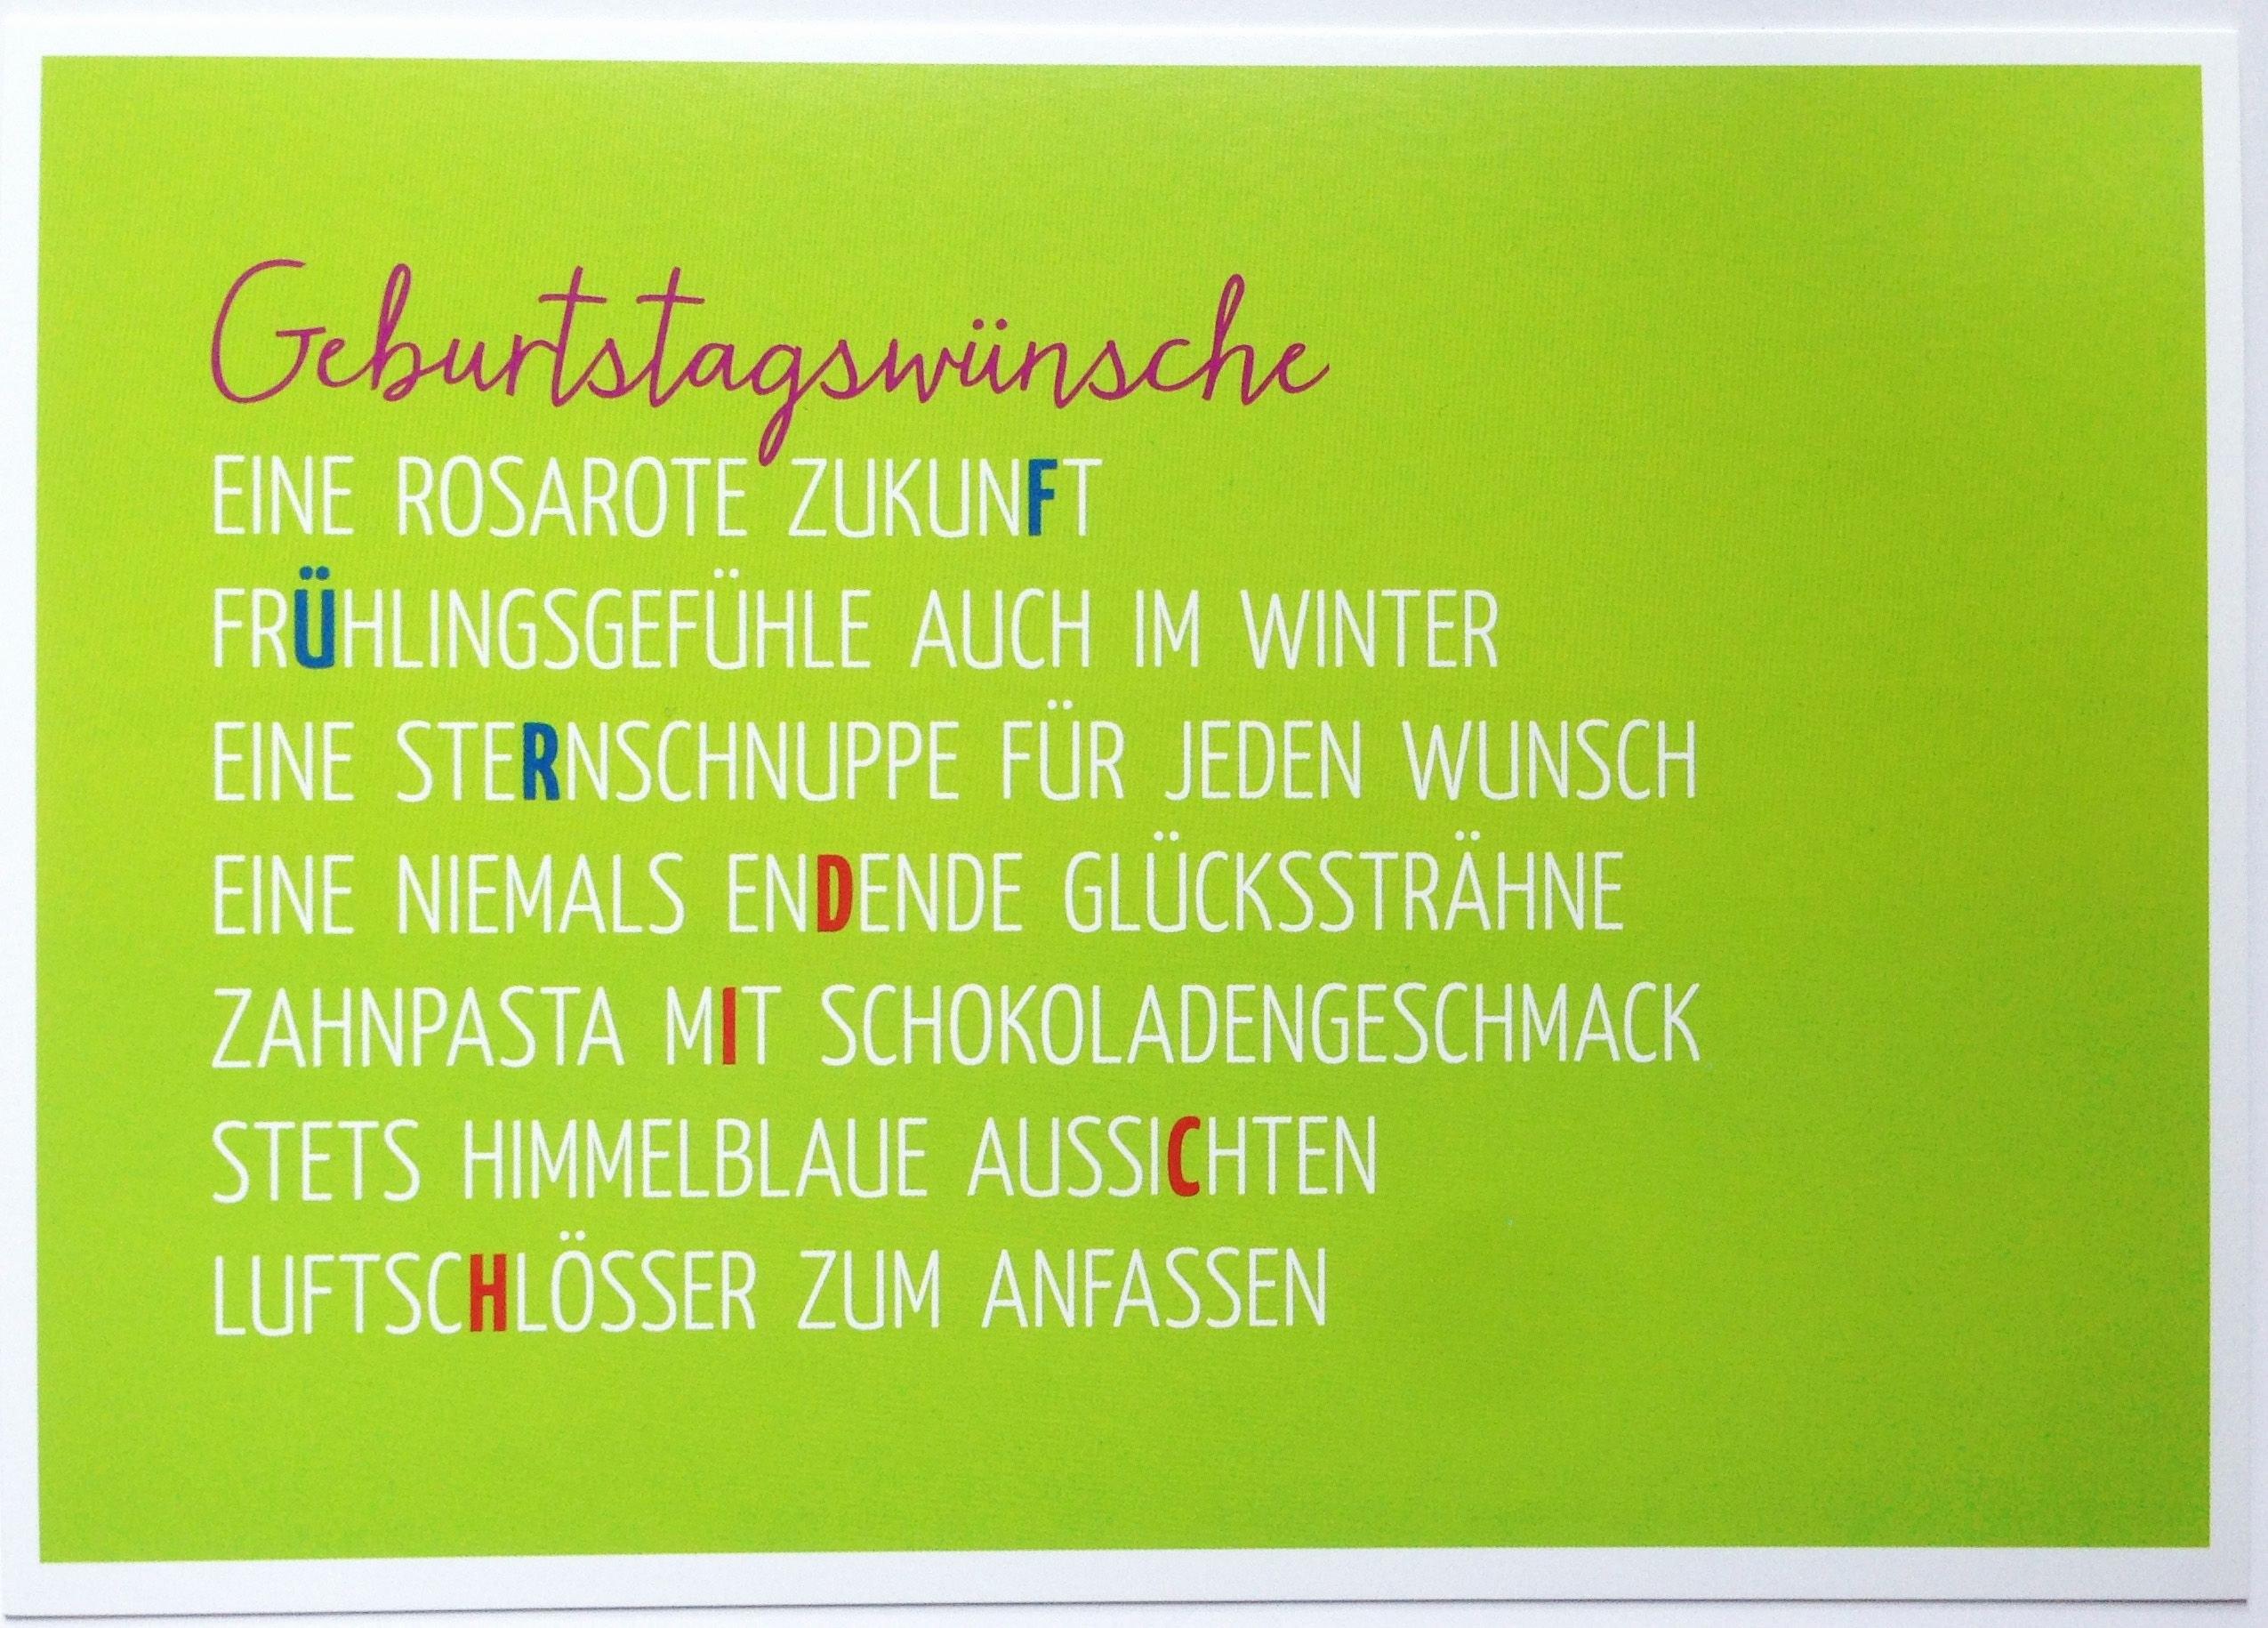 Geburtstagskarten Online Kostenlos Schön Geburtstagskarte 50 ganzes Geburtstagskarte Online Kostenlos